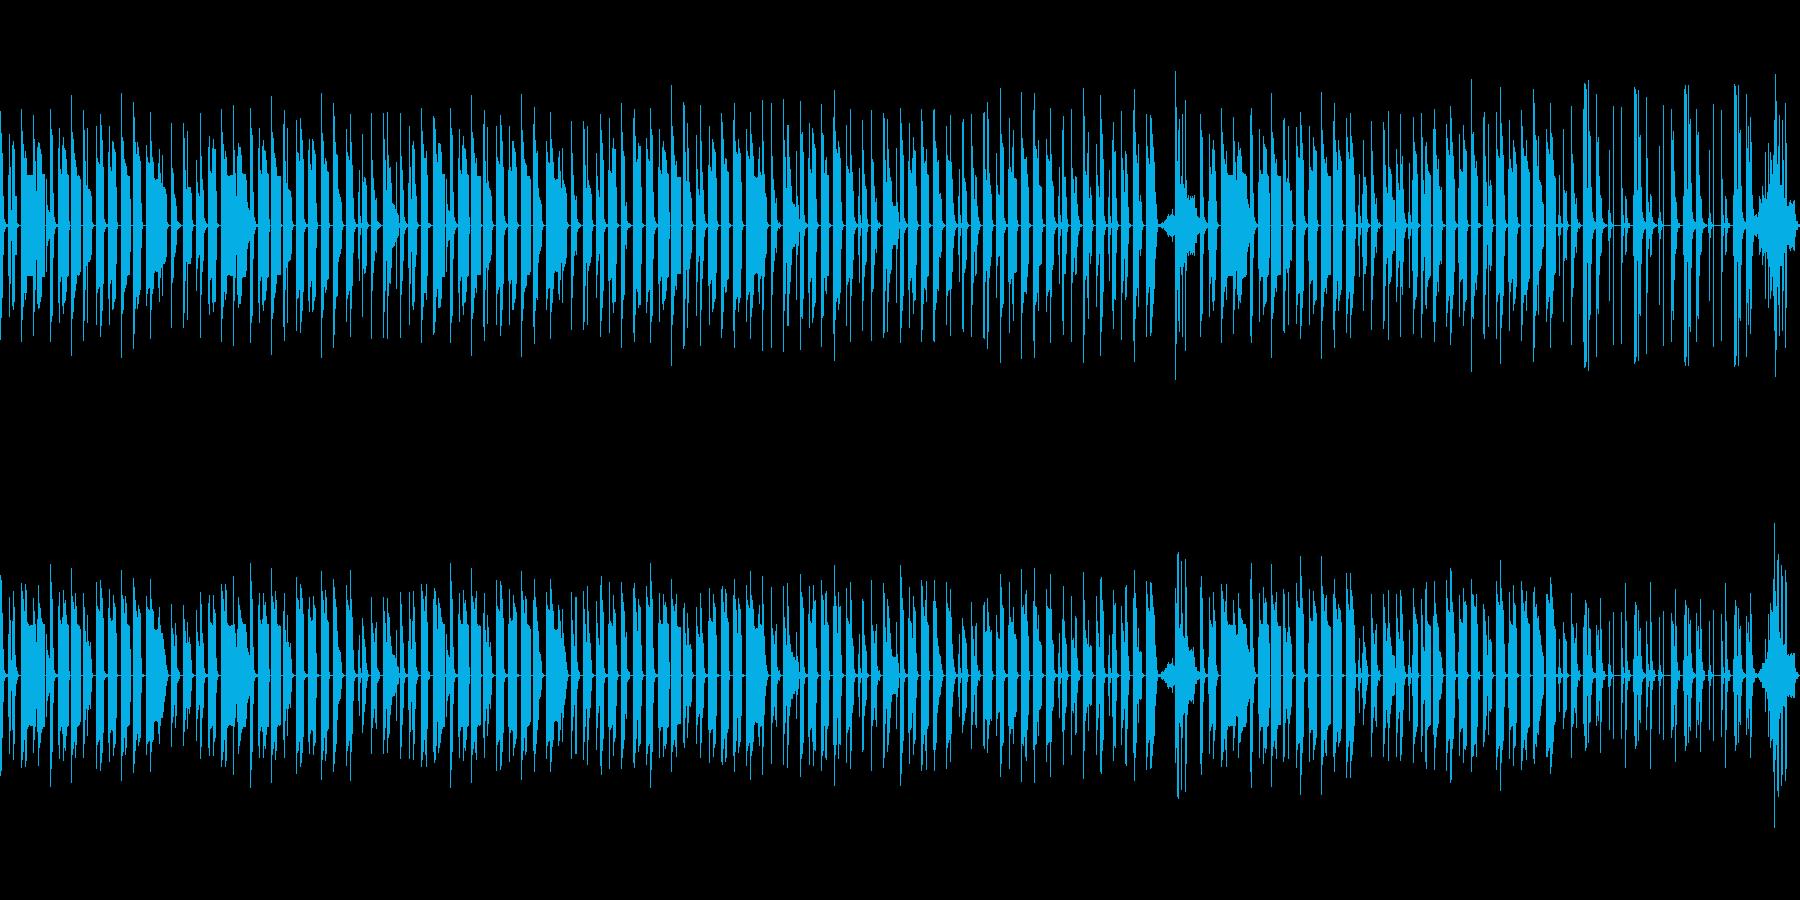 後半が印象的なのんびりBGM(ループ)の再生済みの波形